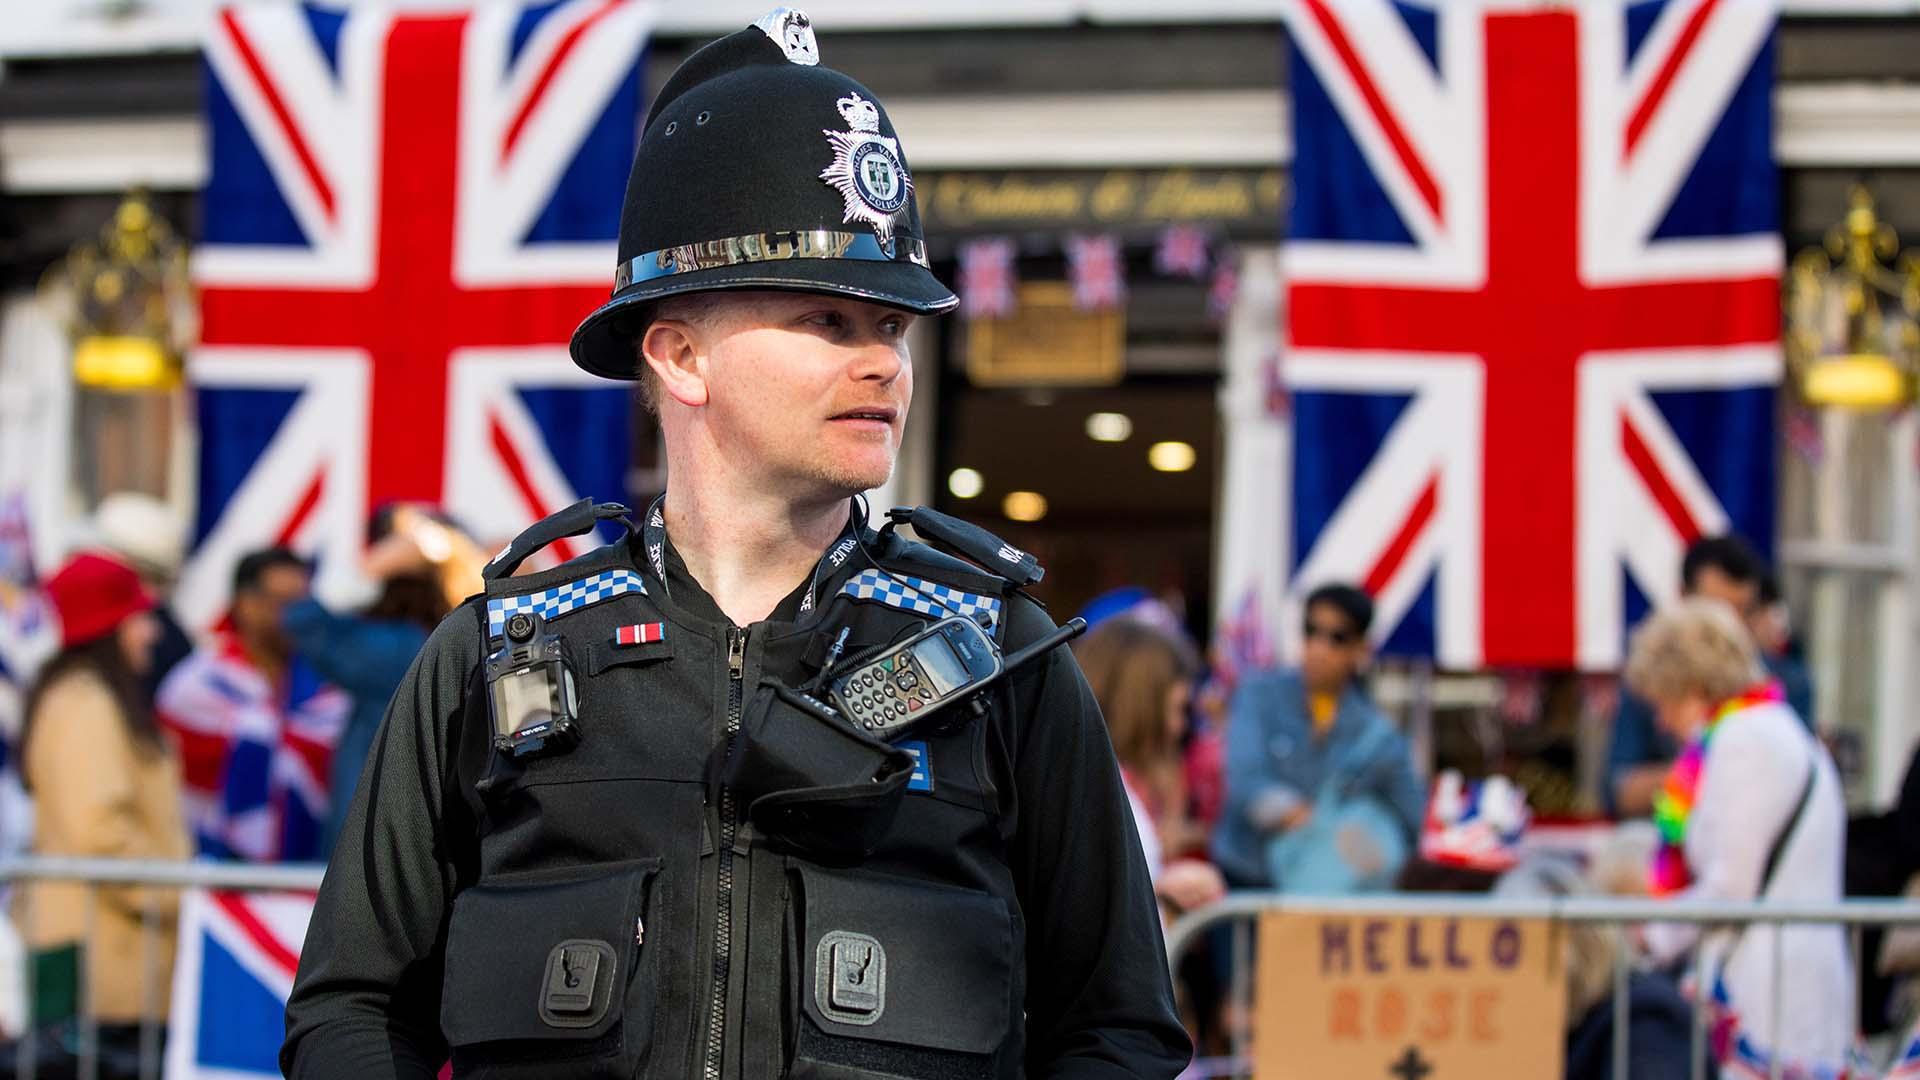 Hubo un enorme operativo de seguridad, no solo en la pequeña localidad de Windosr -a 34 kilómetros de Londres- sino también en la capital del Reino Unido (EFE)